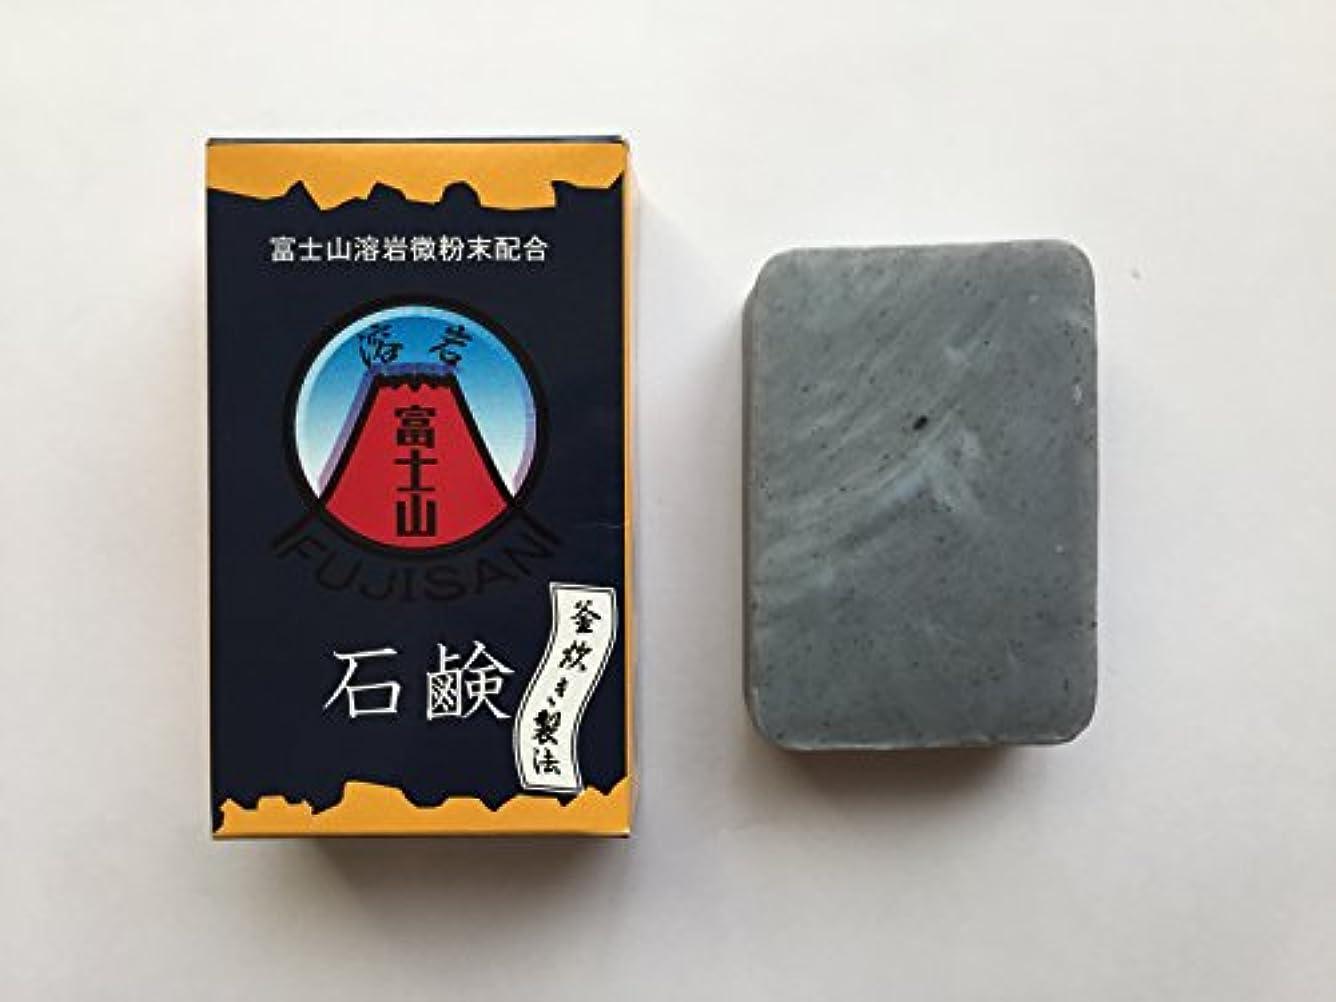 肺ステートメント統計的富士山溶岩石鹸 80g/個×3個セット